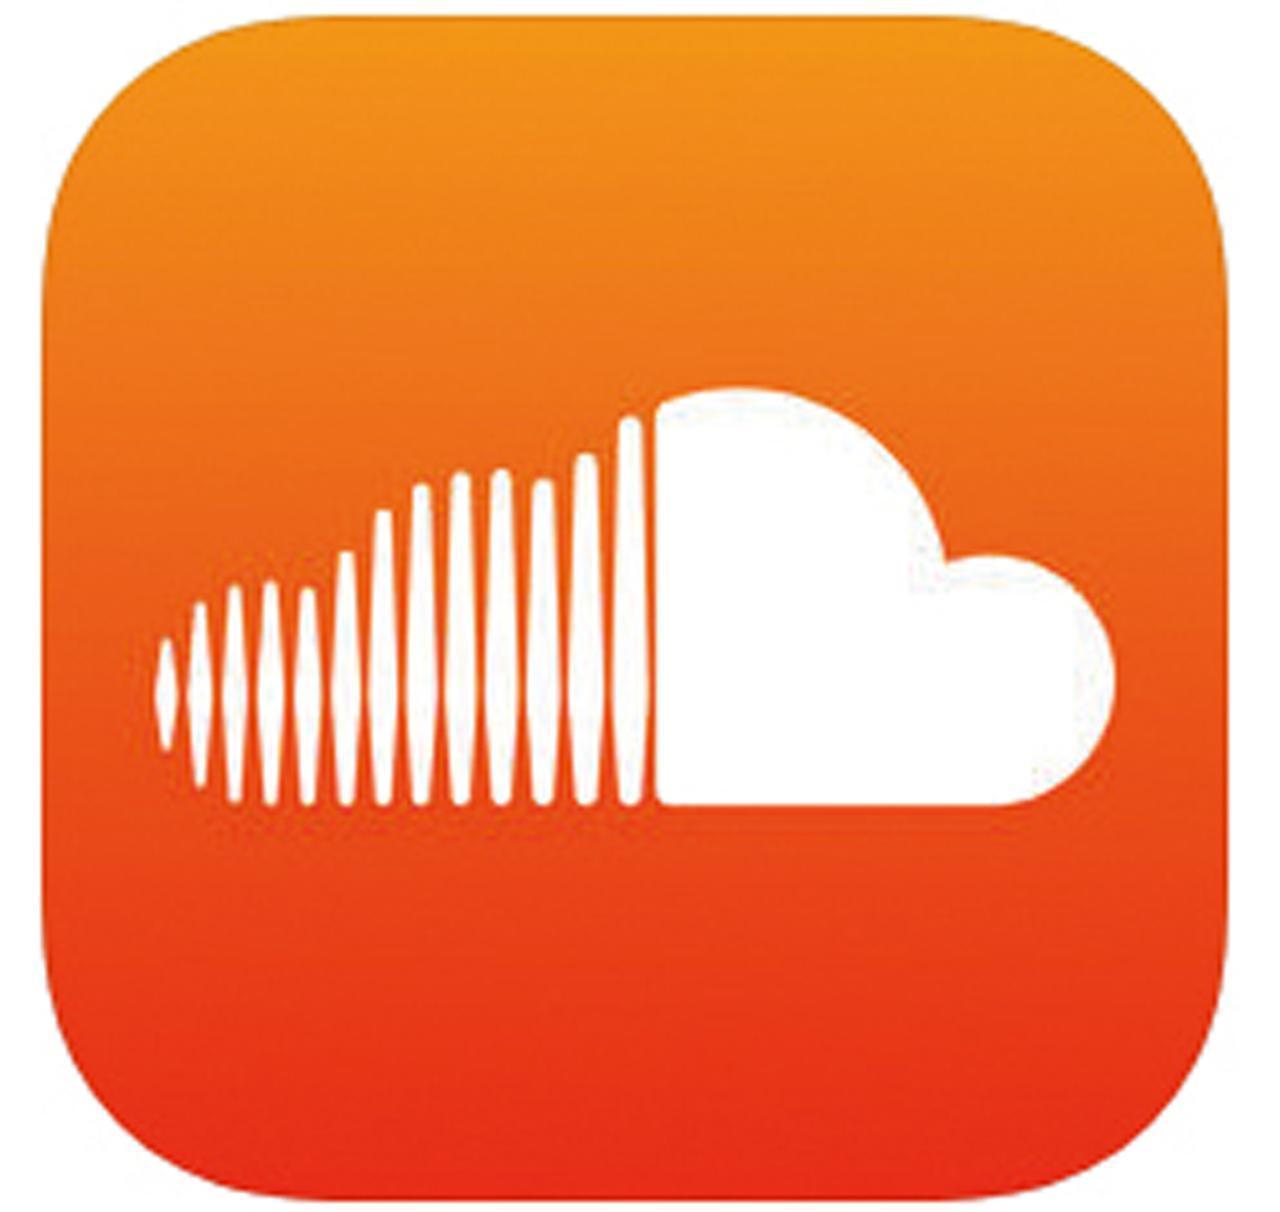 画像1: ❷インディーズ系のアーティストの膨大な曲が聴ける共有アプリ